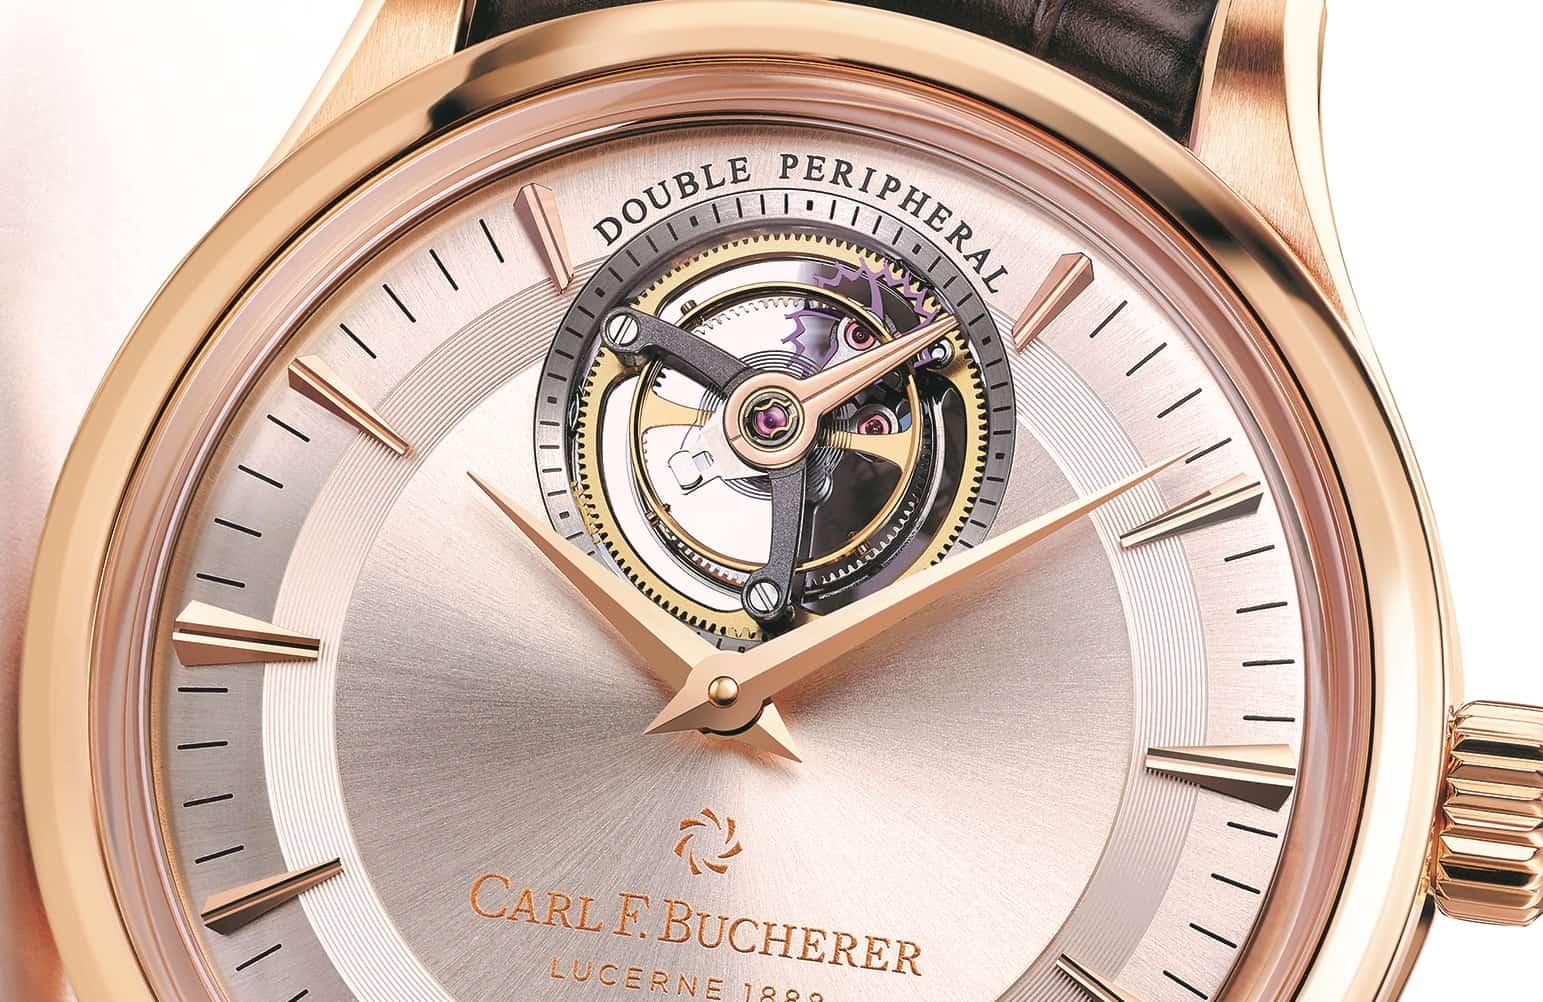 Mechanische Uhren mit sichtbarer MechanikOb Saphir-Gehäuse, Zifferblatt-Ausschnitt oder skelettiert: Hauptsache sichtbare Mechanik.